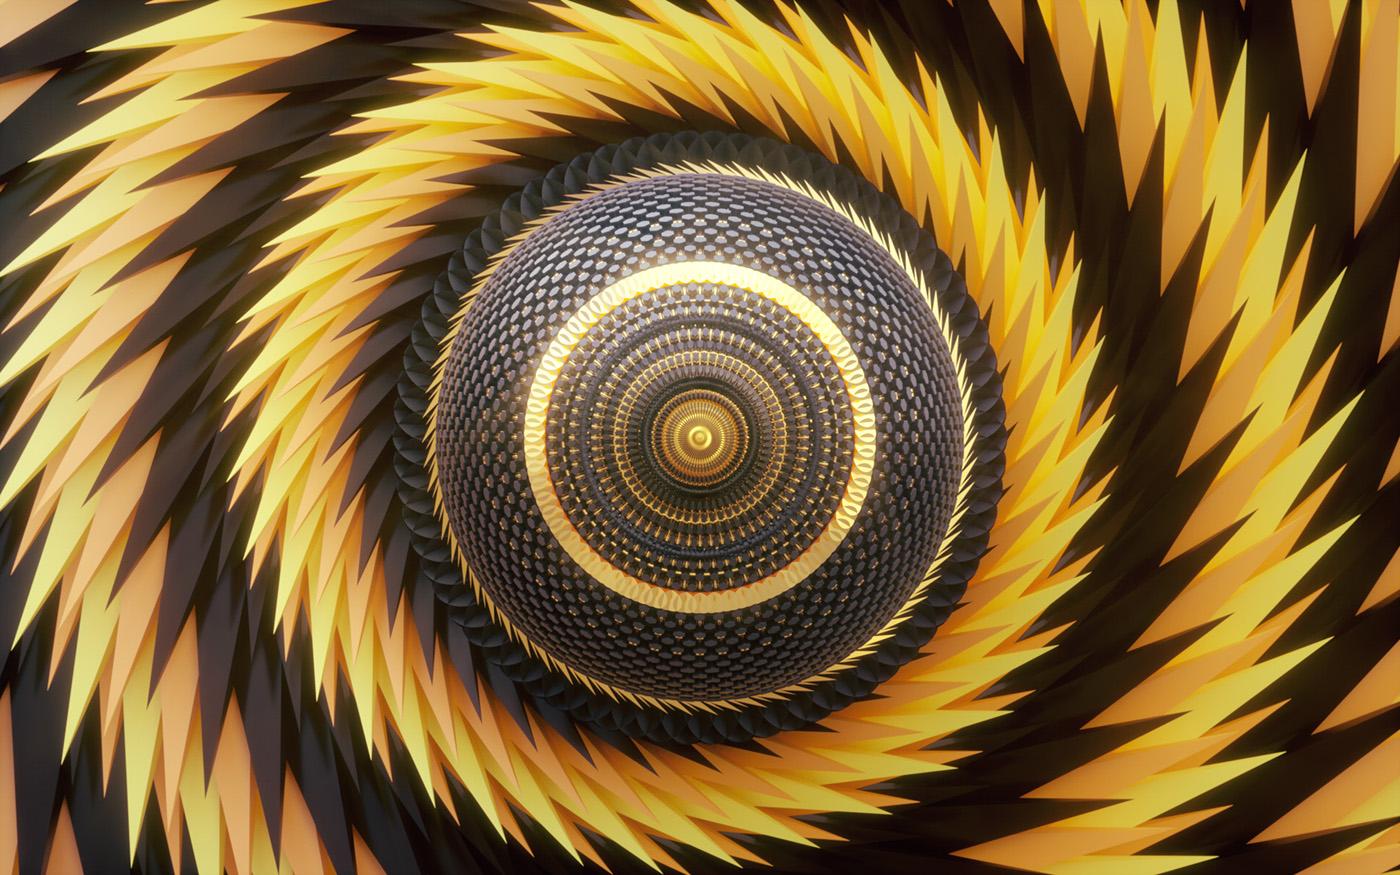 eagle chameleon raven bee snake eyes geometric 3D